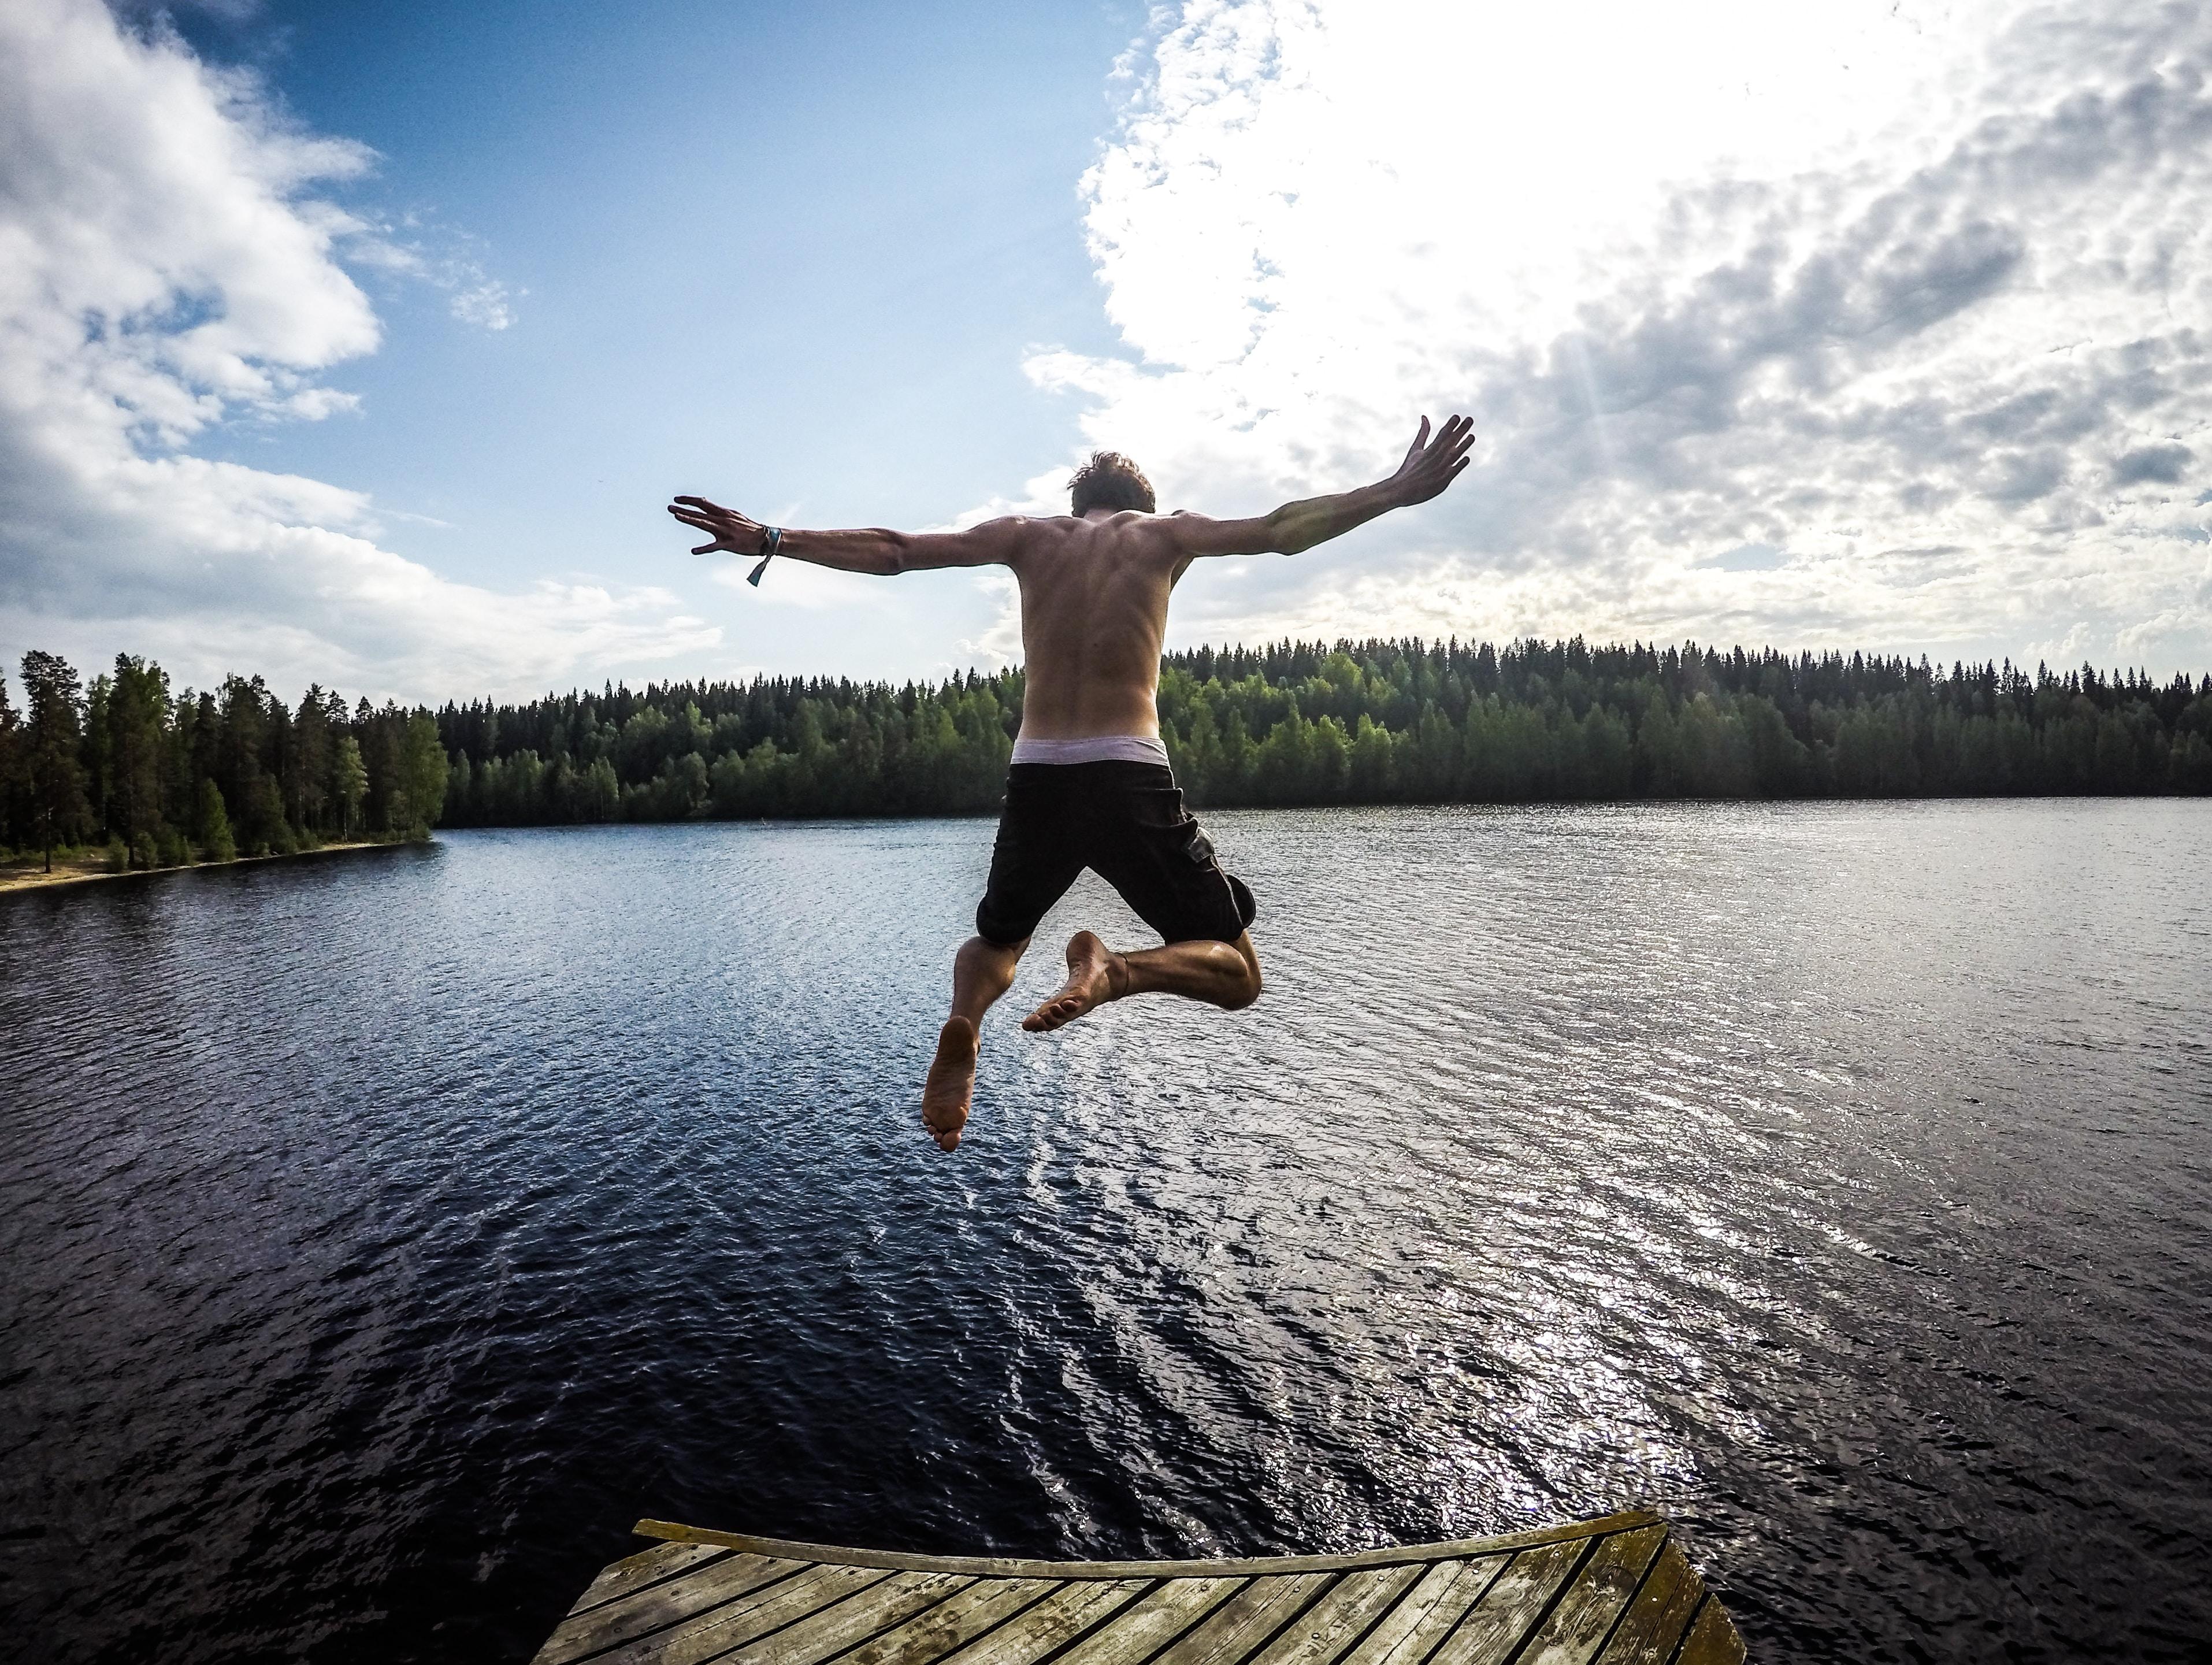 man jumping through body of water